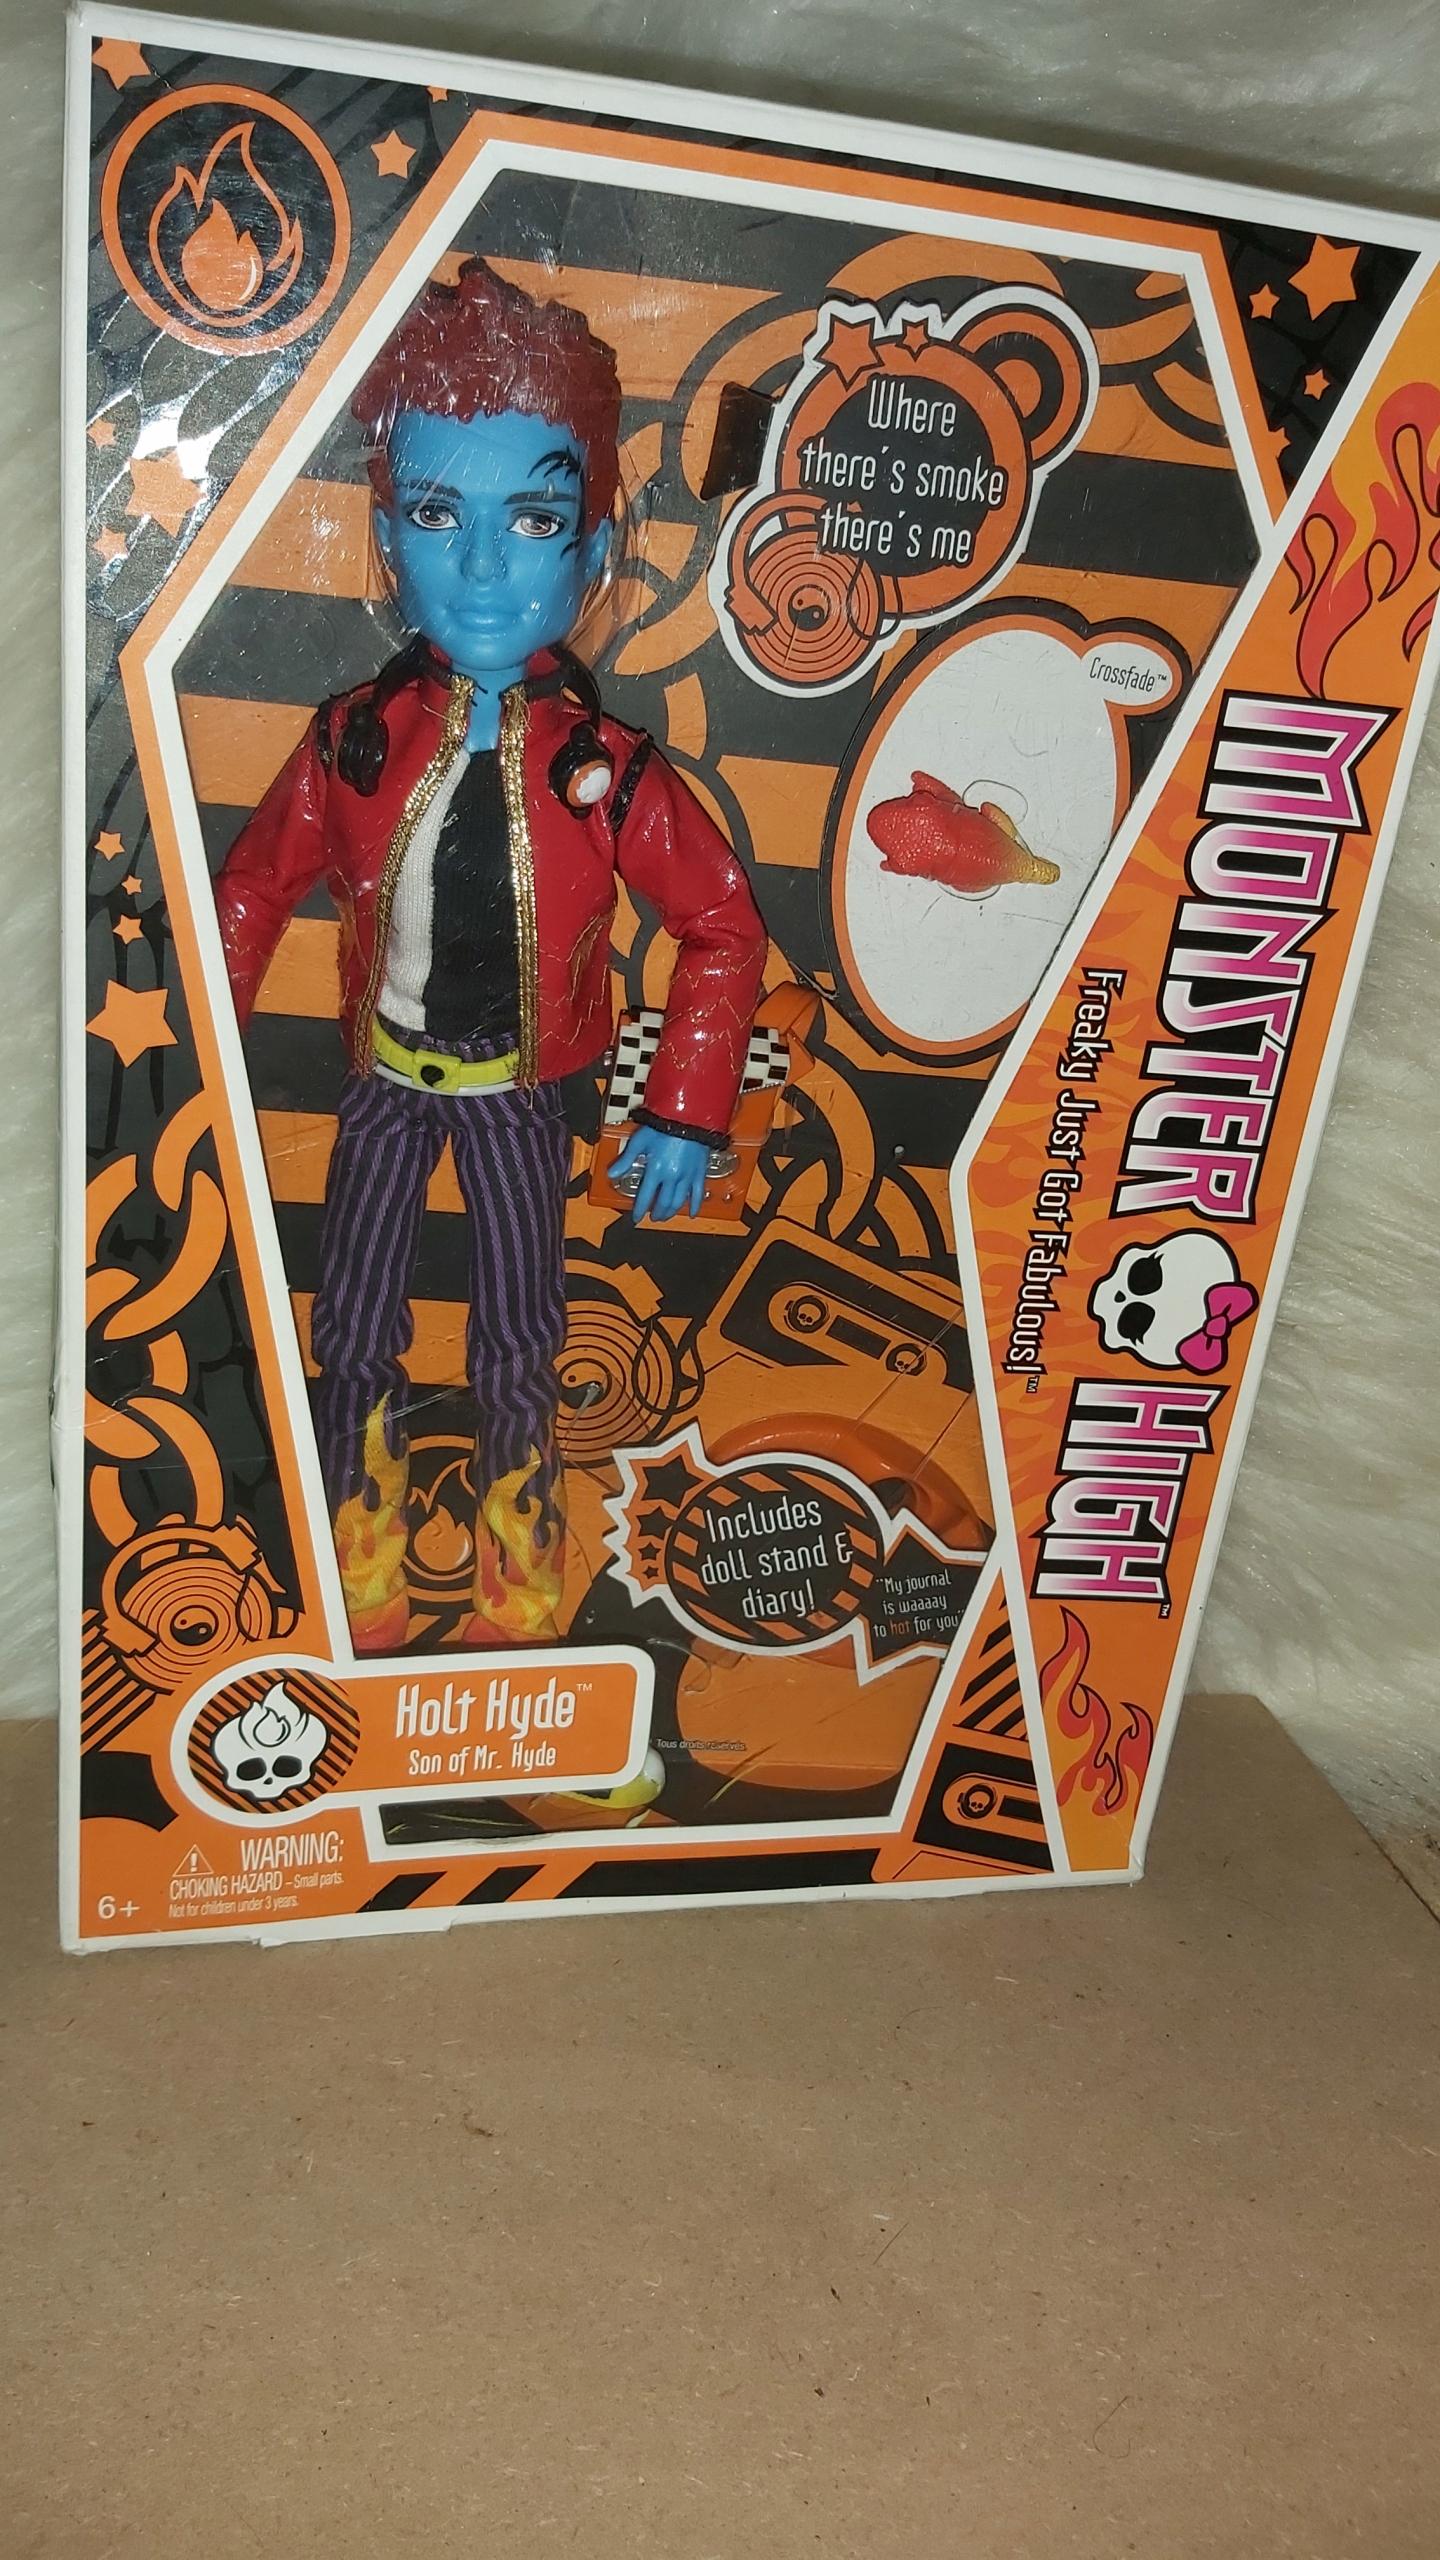 Spoločnosť Monster High Hyde Holt